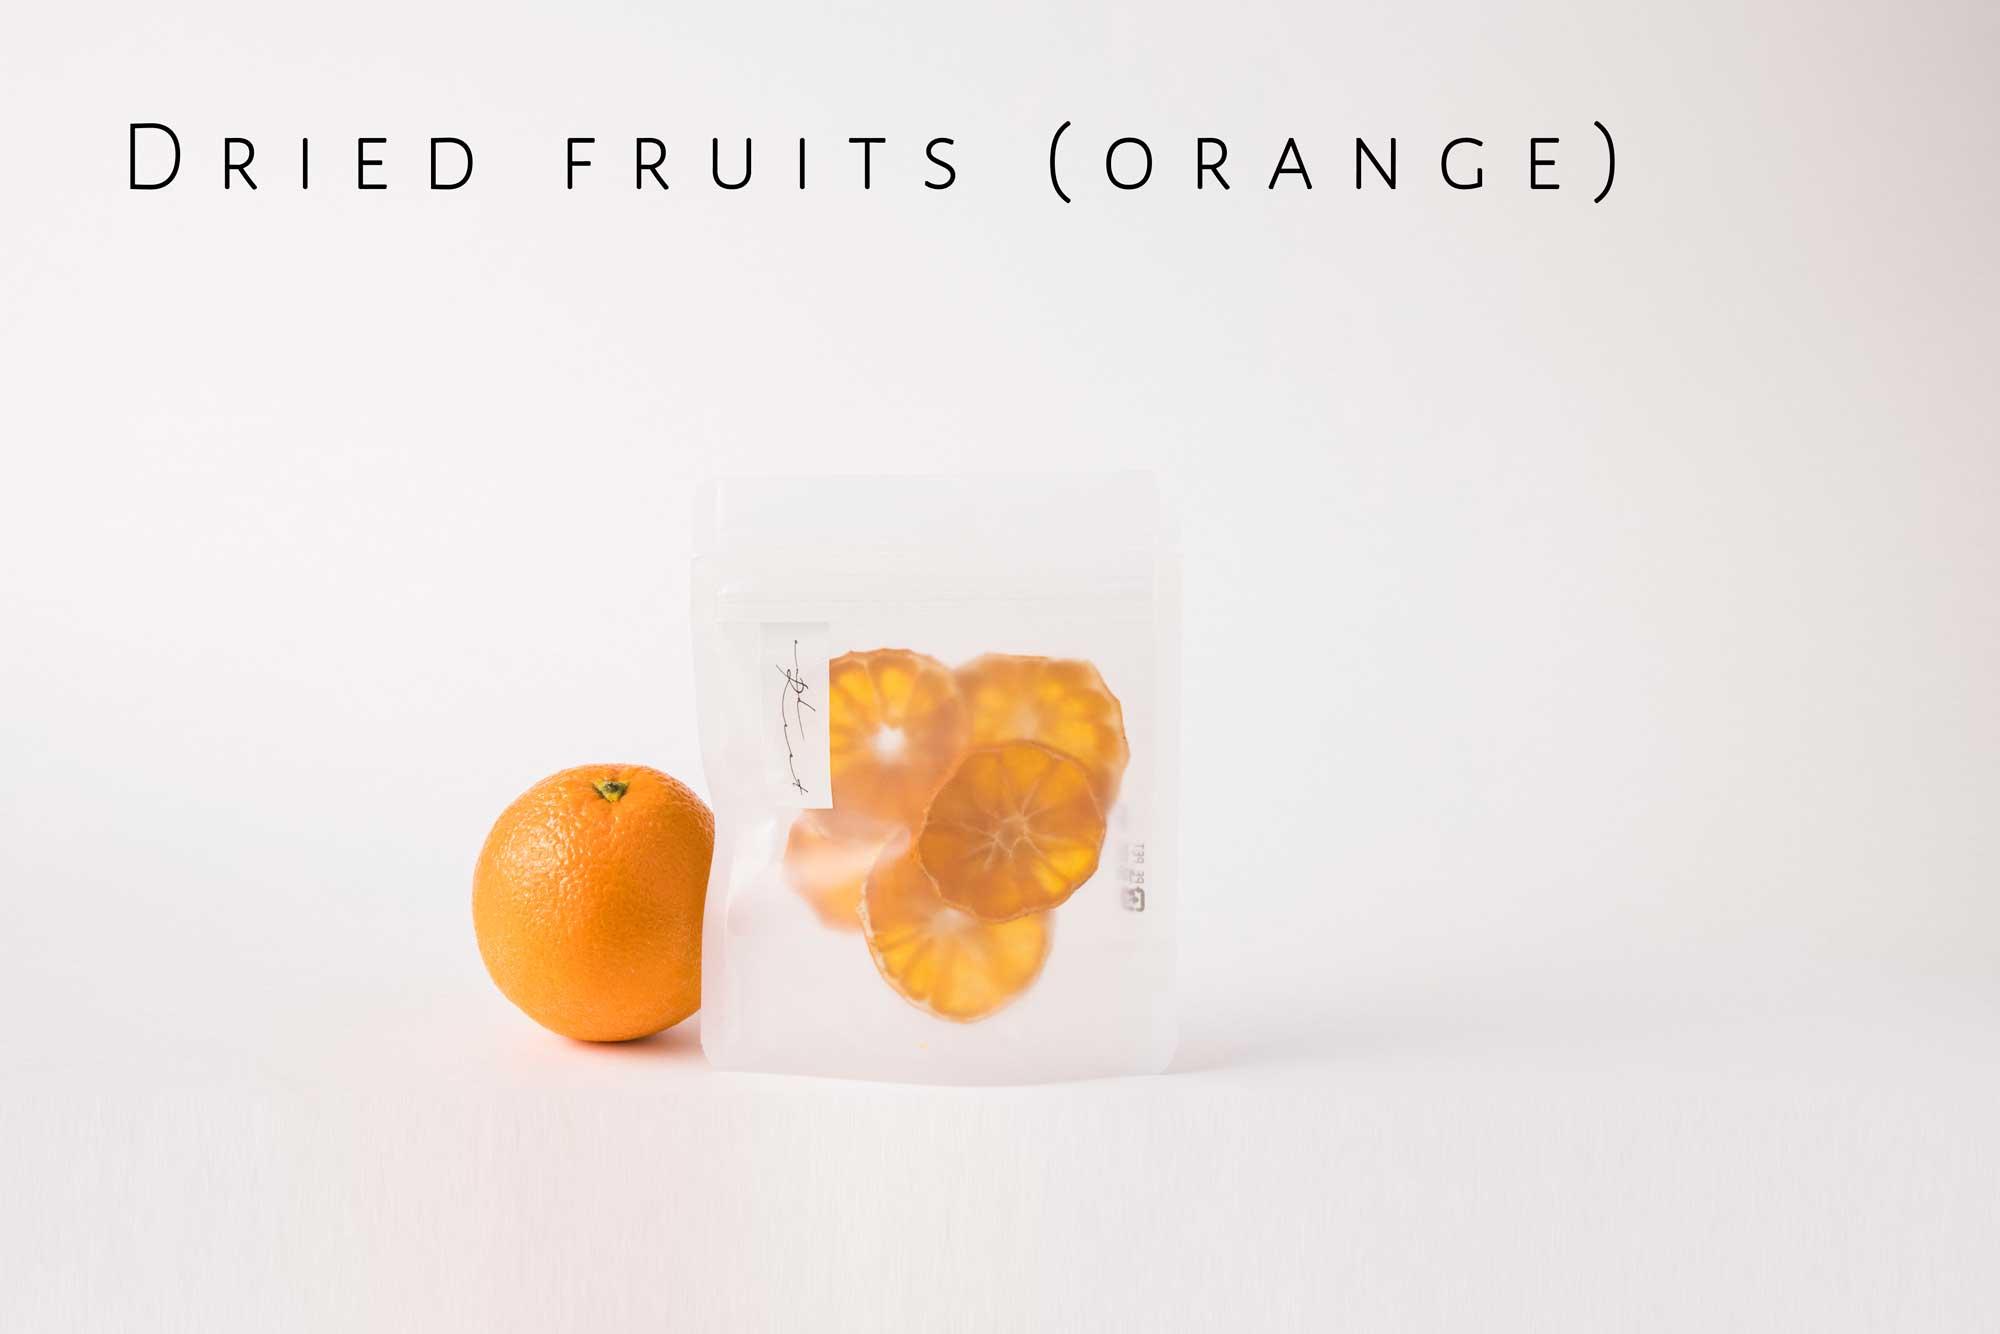 doraifruits orange